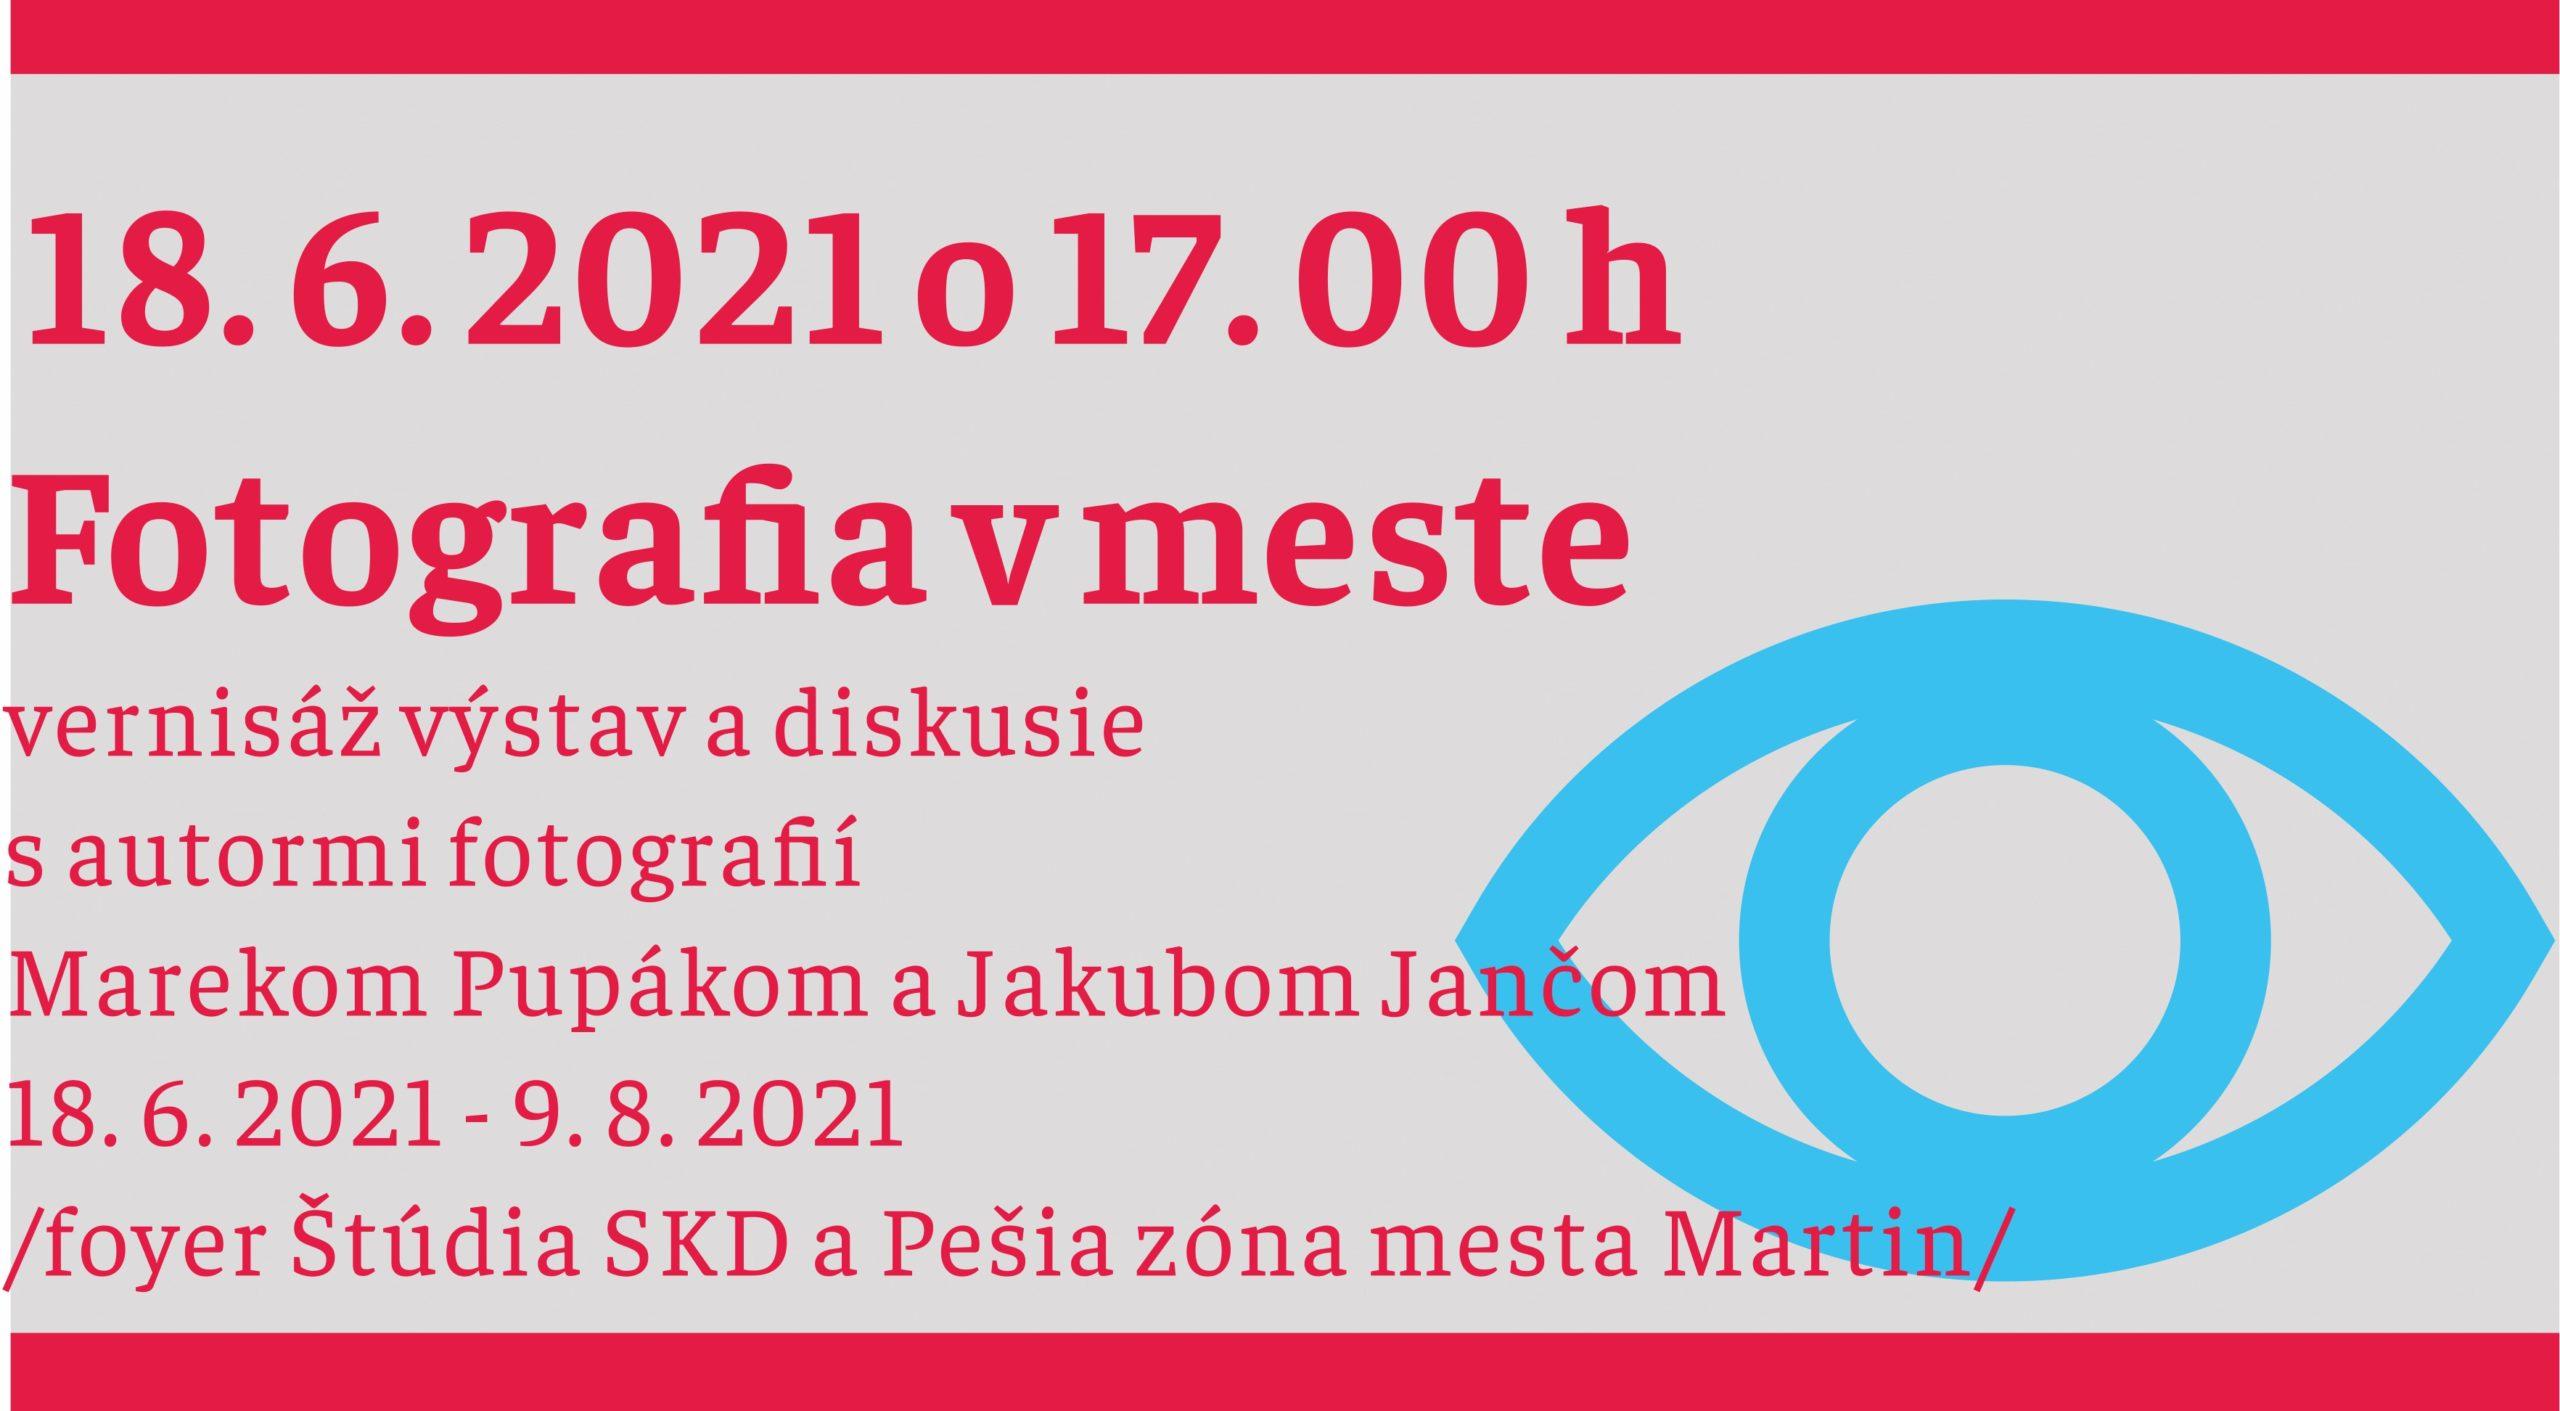 LETNÝ FOTO FEST 2021/Fotografia v meste